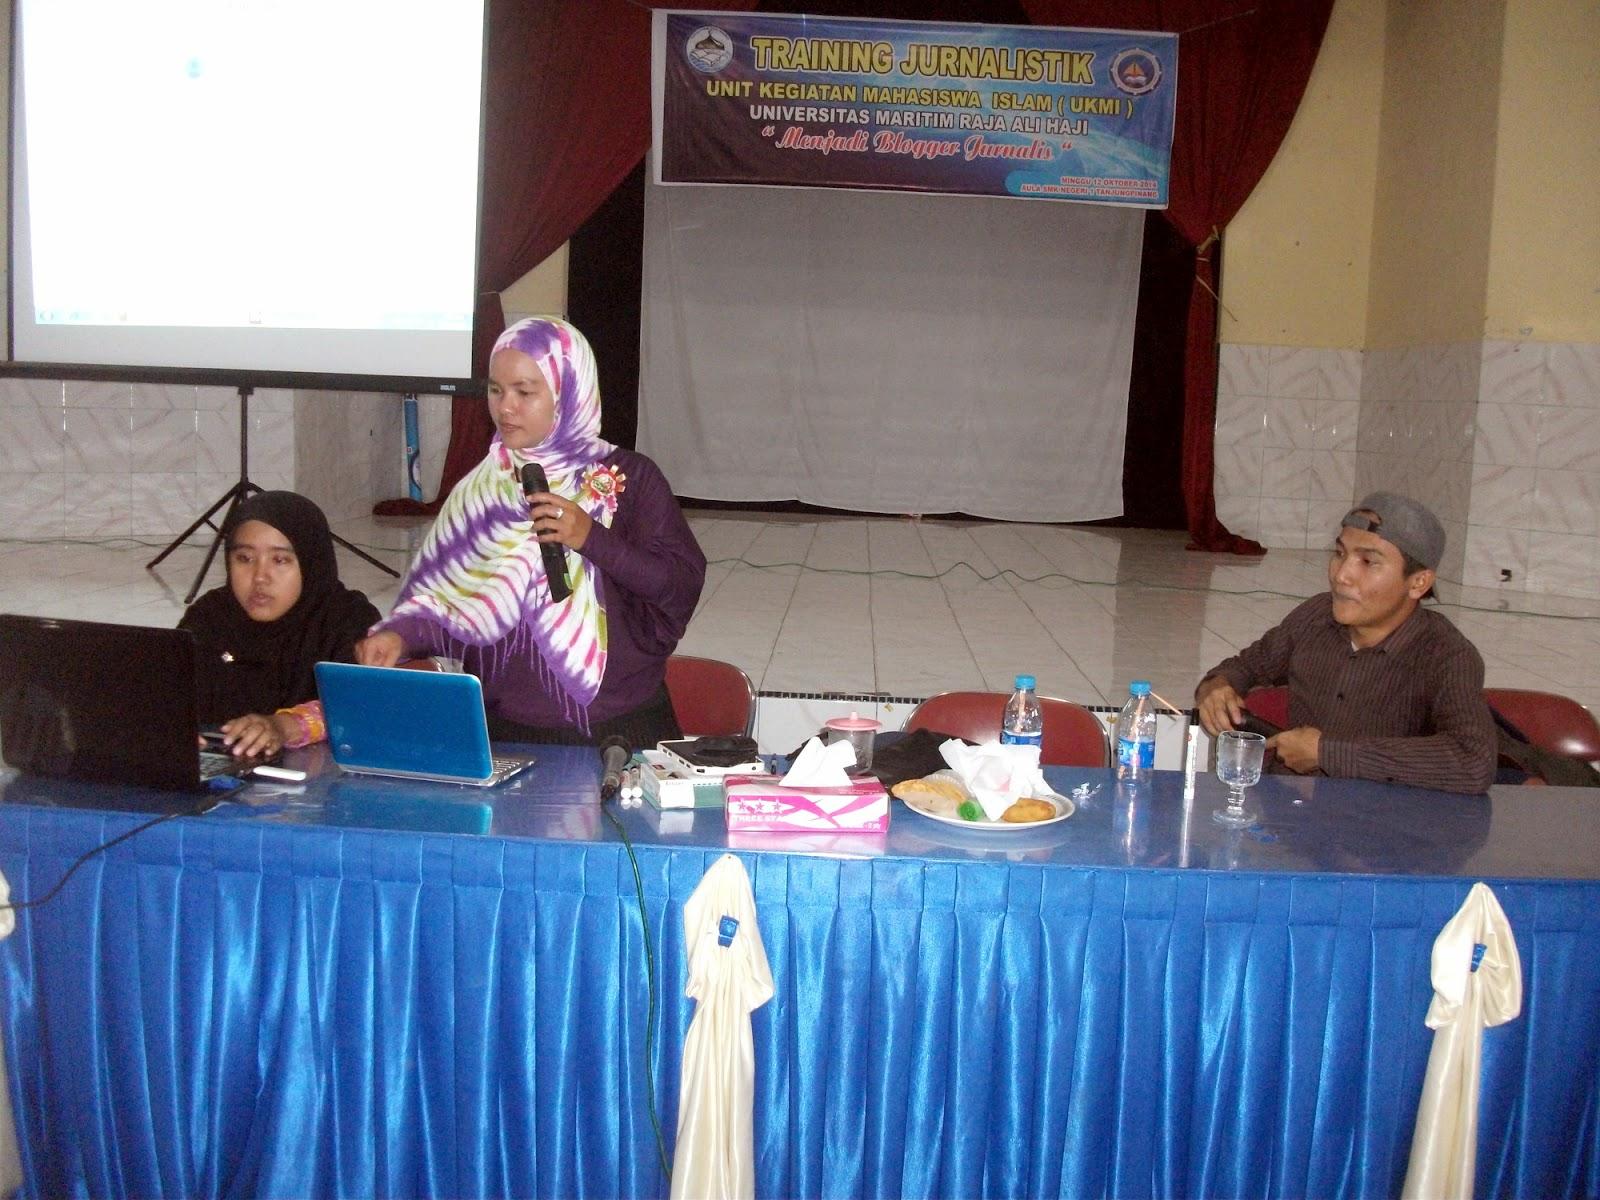 trainer blogger tanjungpinang ruziana, penulis wanita dan cerpenis, UKMI UMRAH training jurnalistik